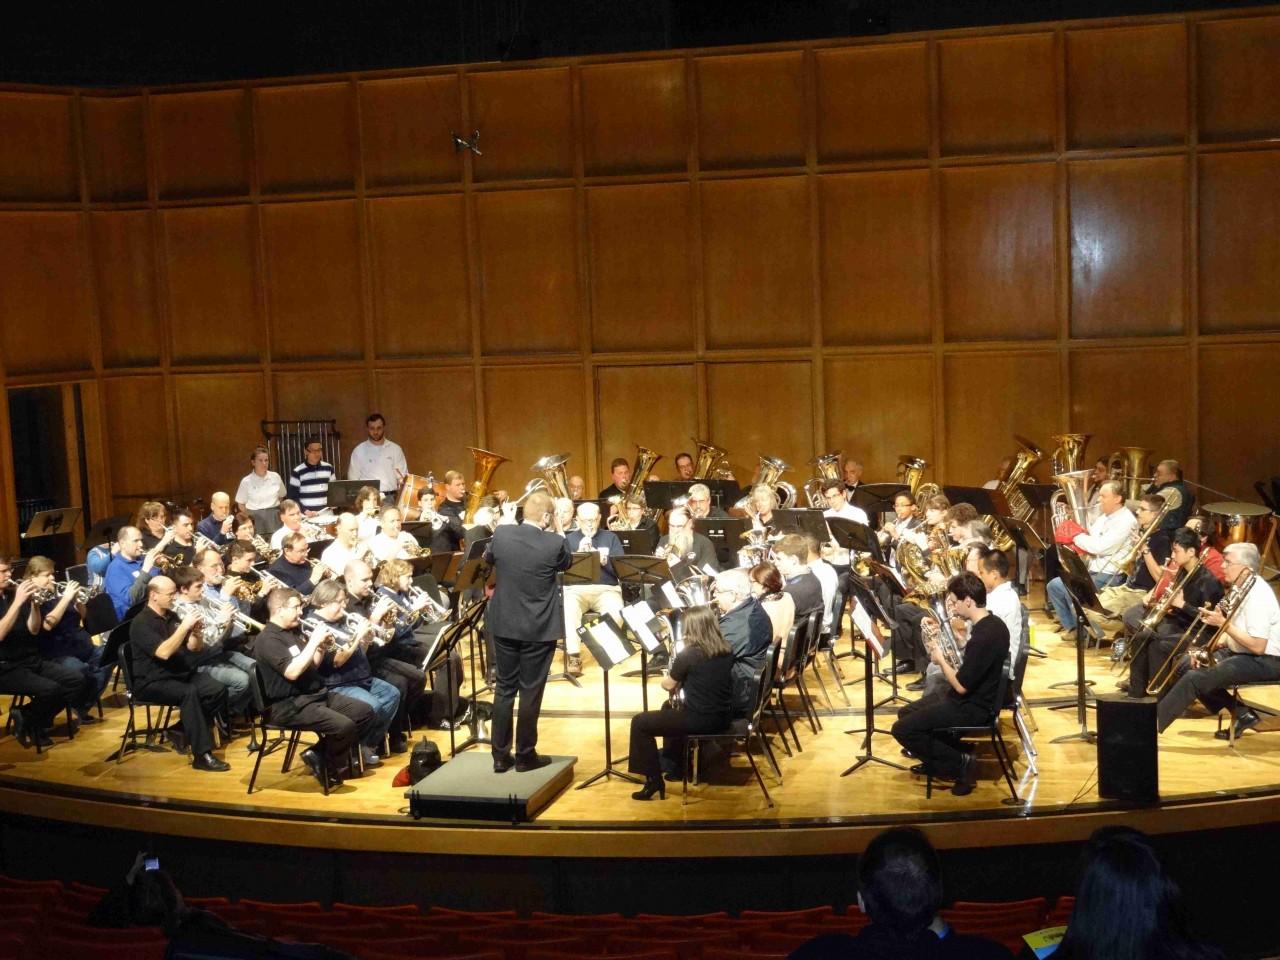 Mass brass performance